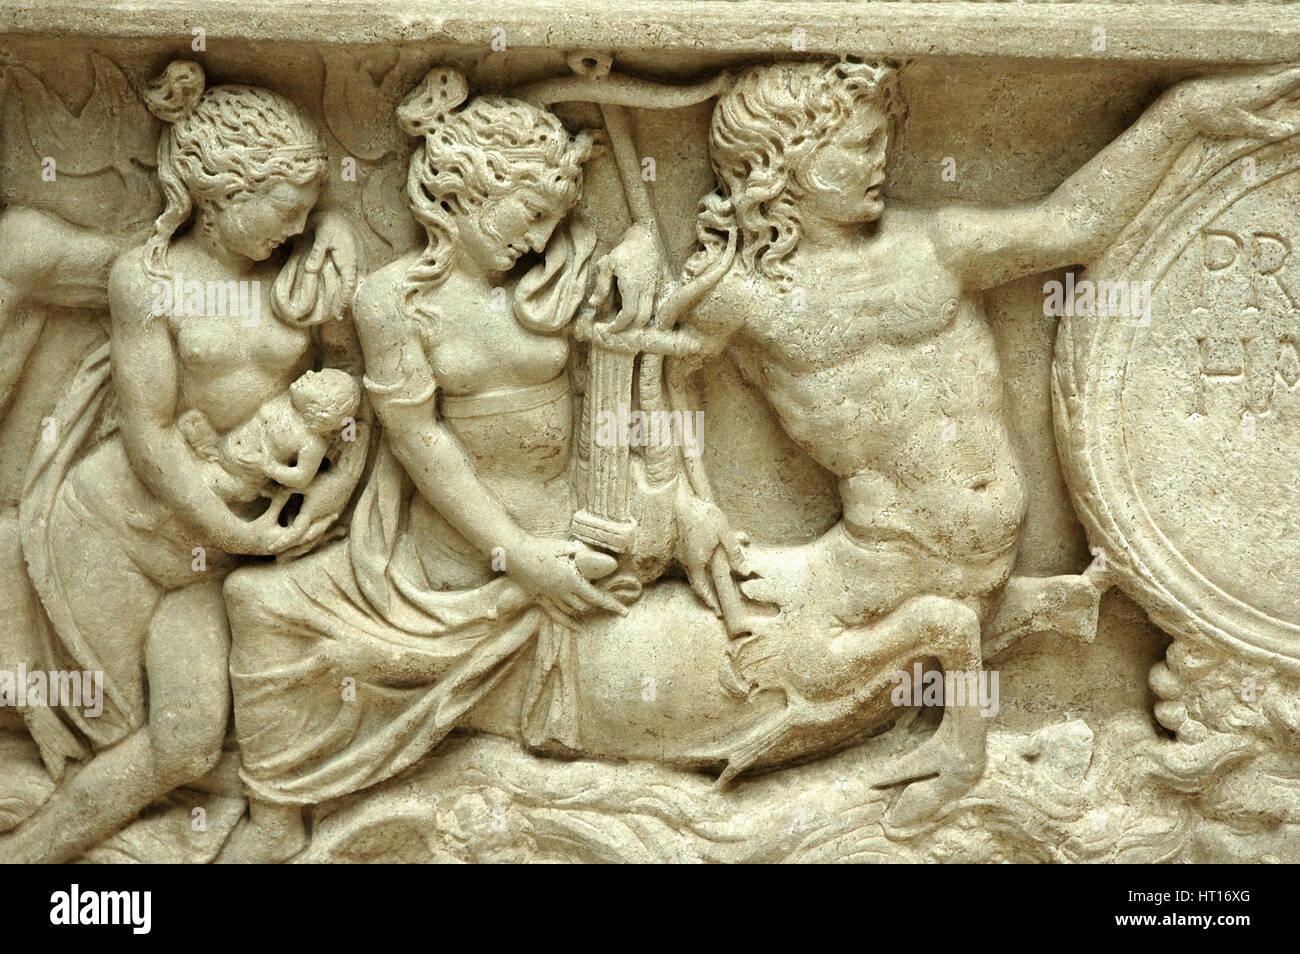 Soulagement d'un sarcophage représentant un centaure. Culture: Roman. Ligne de crédit: Photo Stock